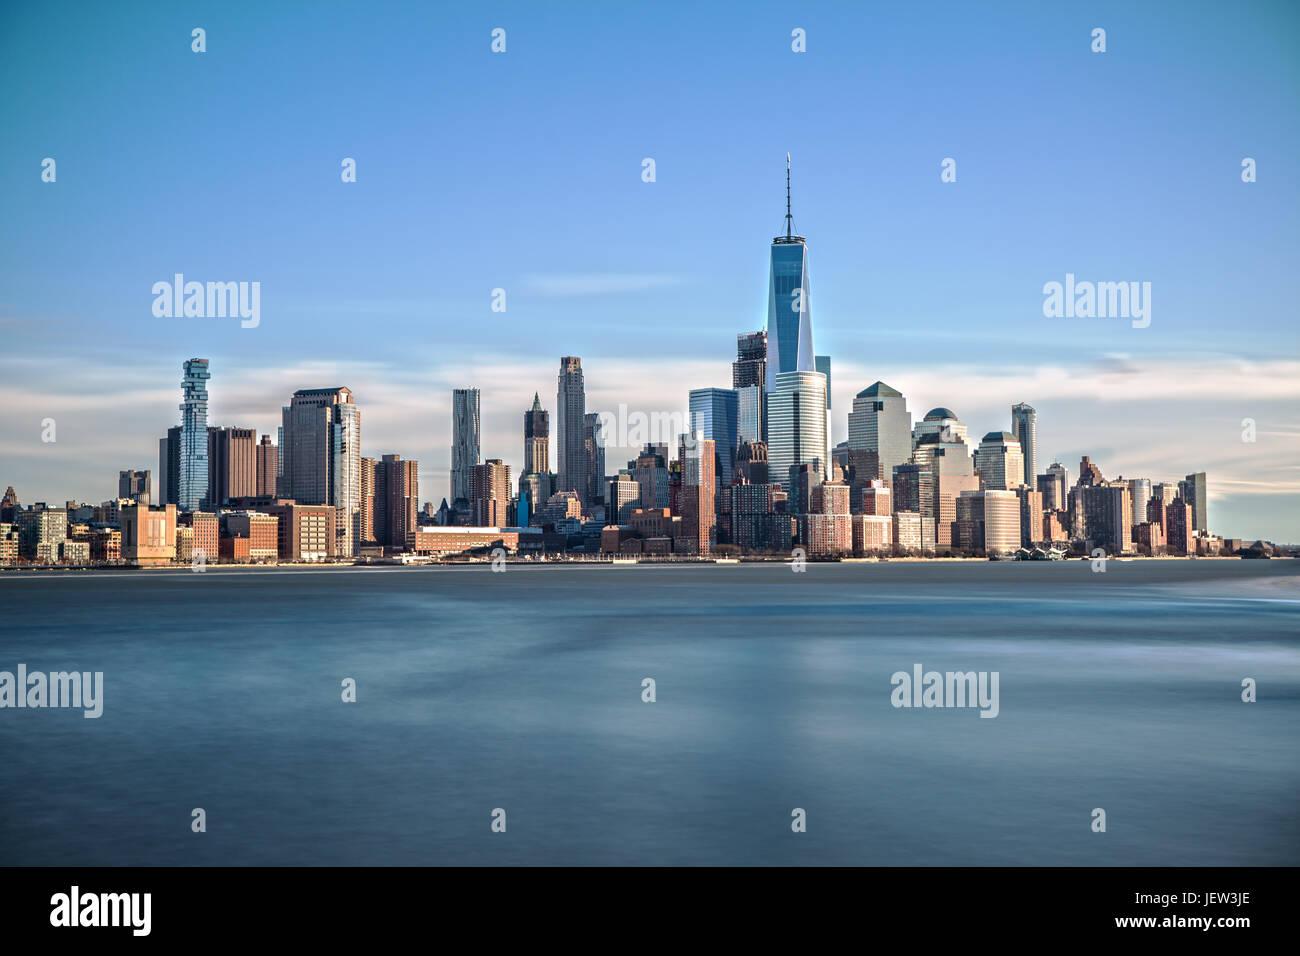 Le centre-ville de Manhattan longue exposition Photo Stock